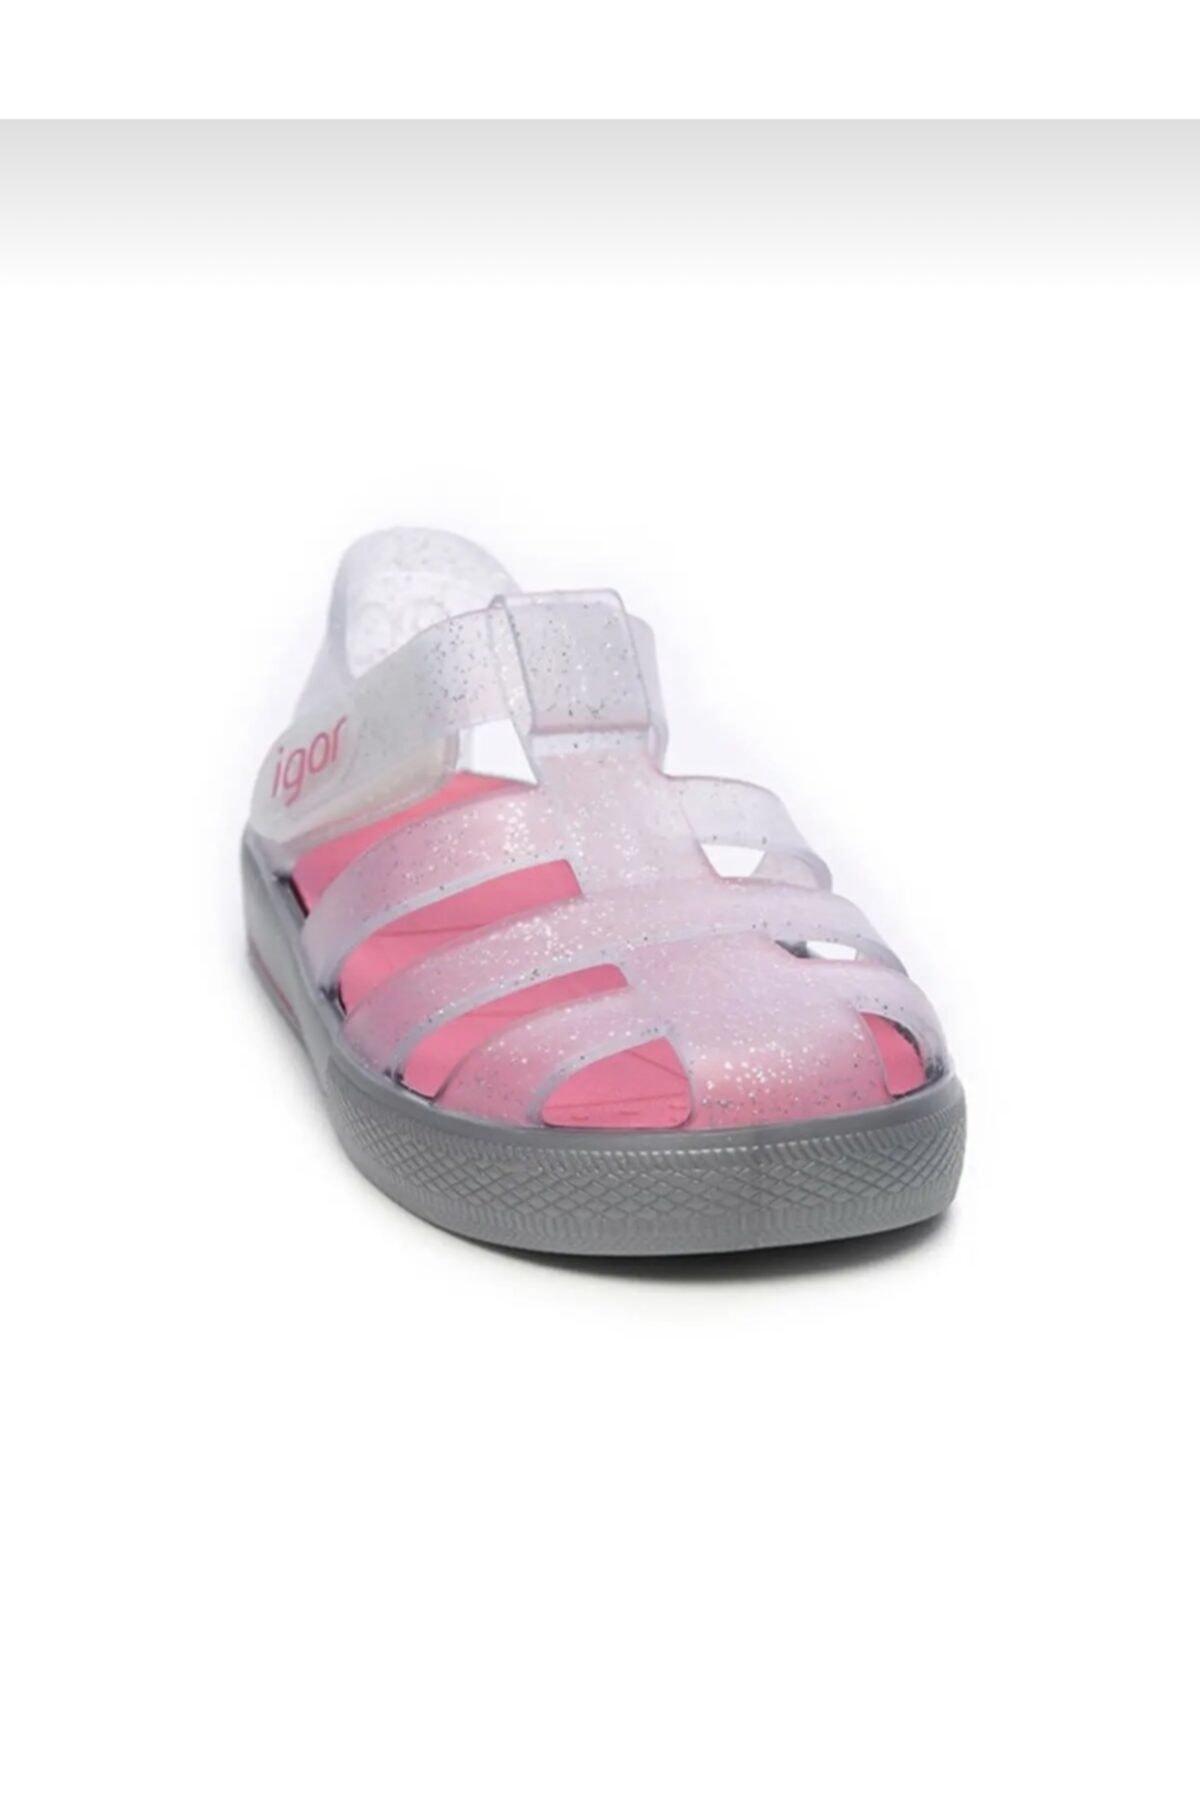 IGOR Çocuk Sandalet 1